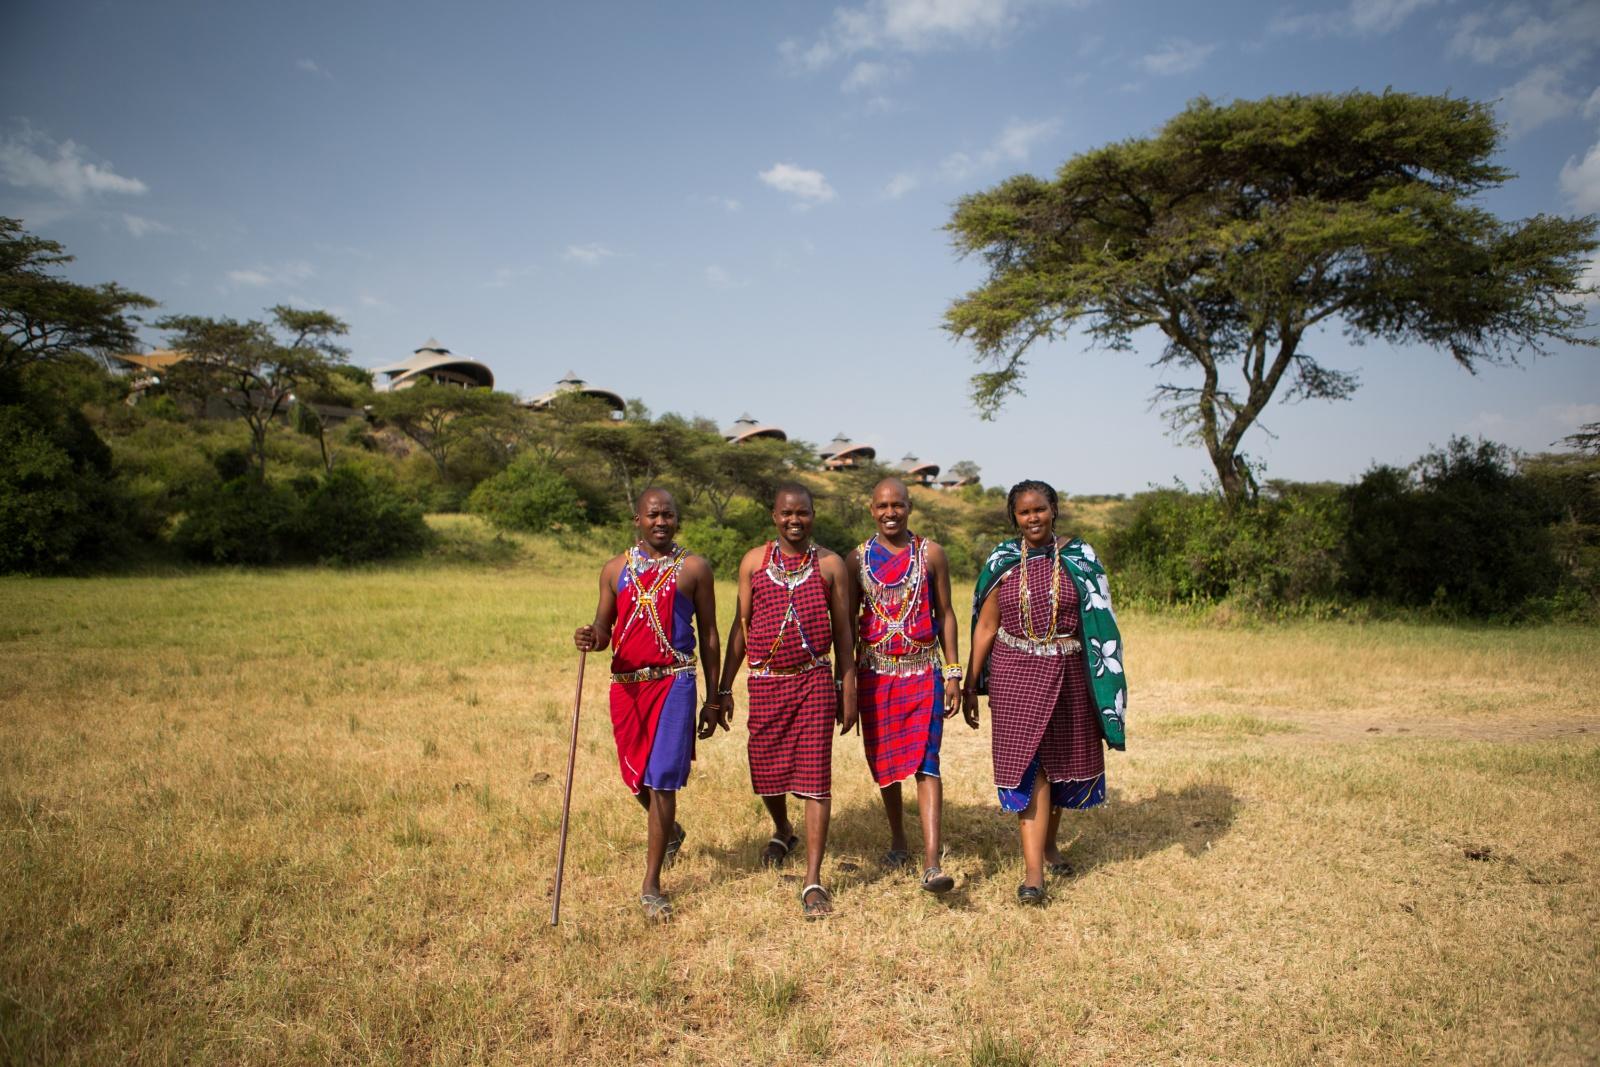 Местные жители Кении